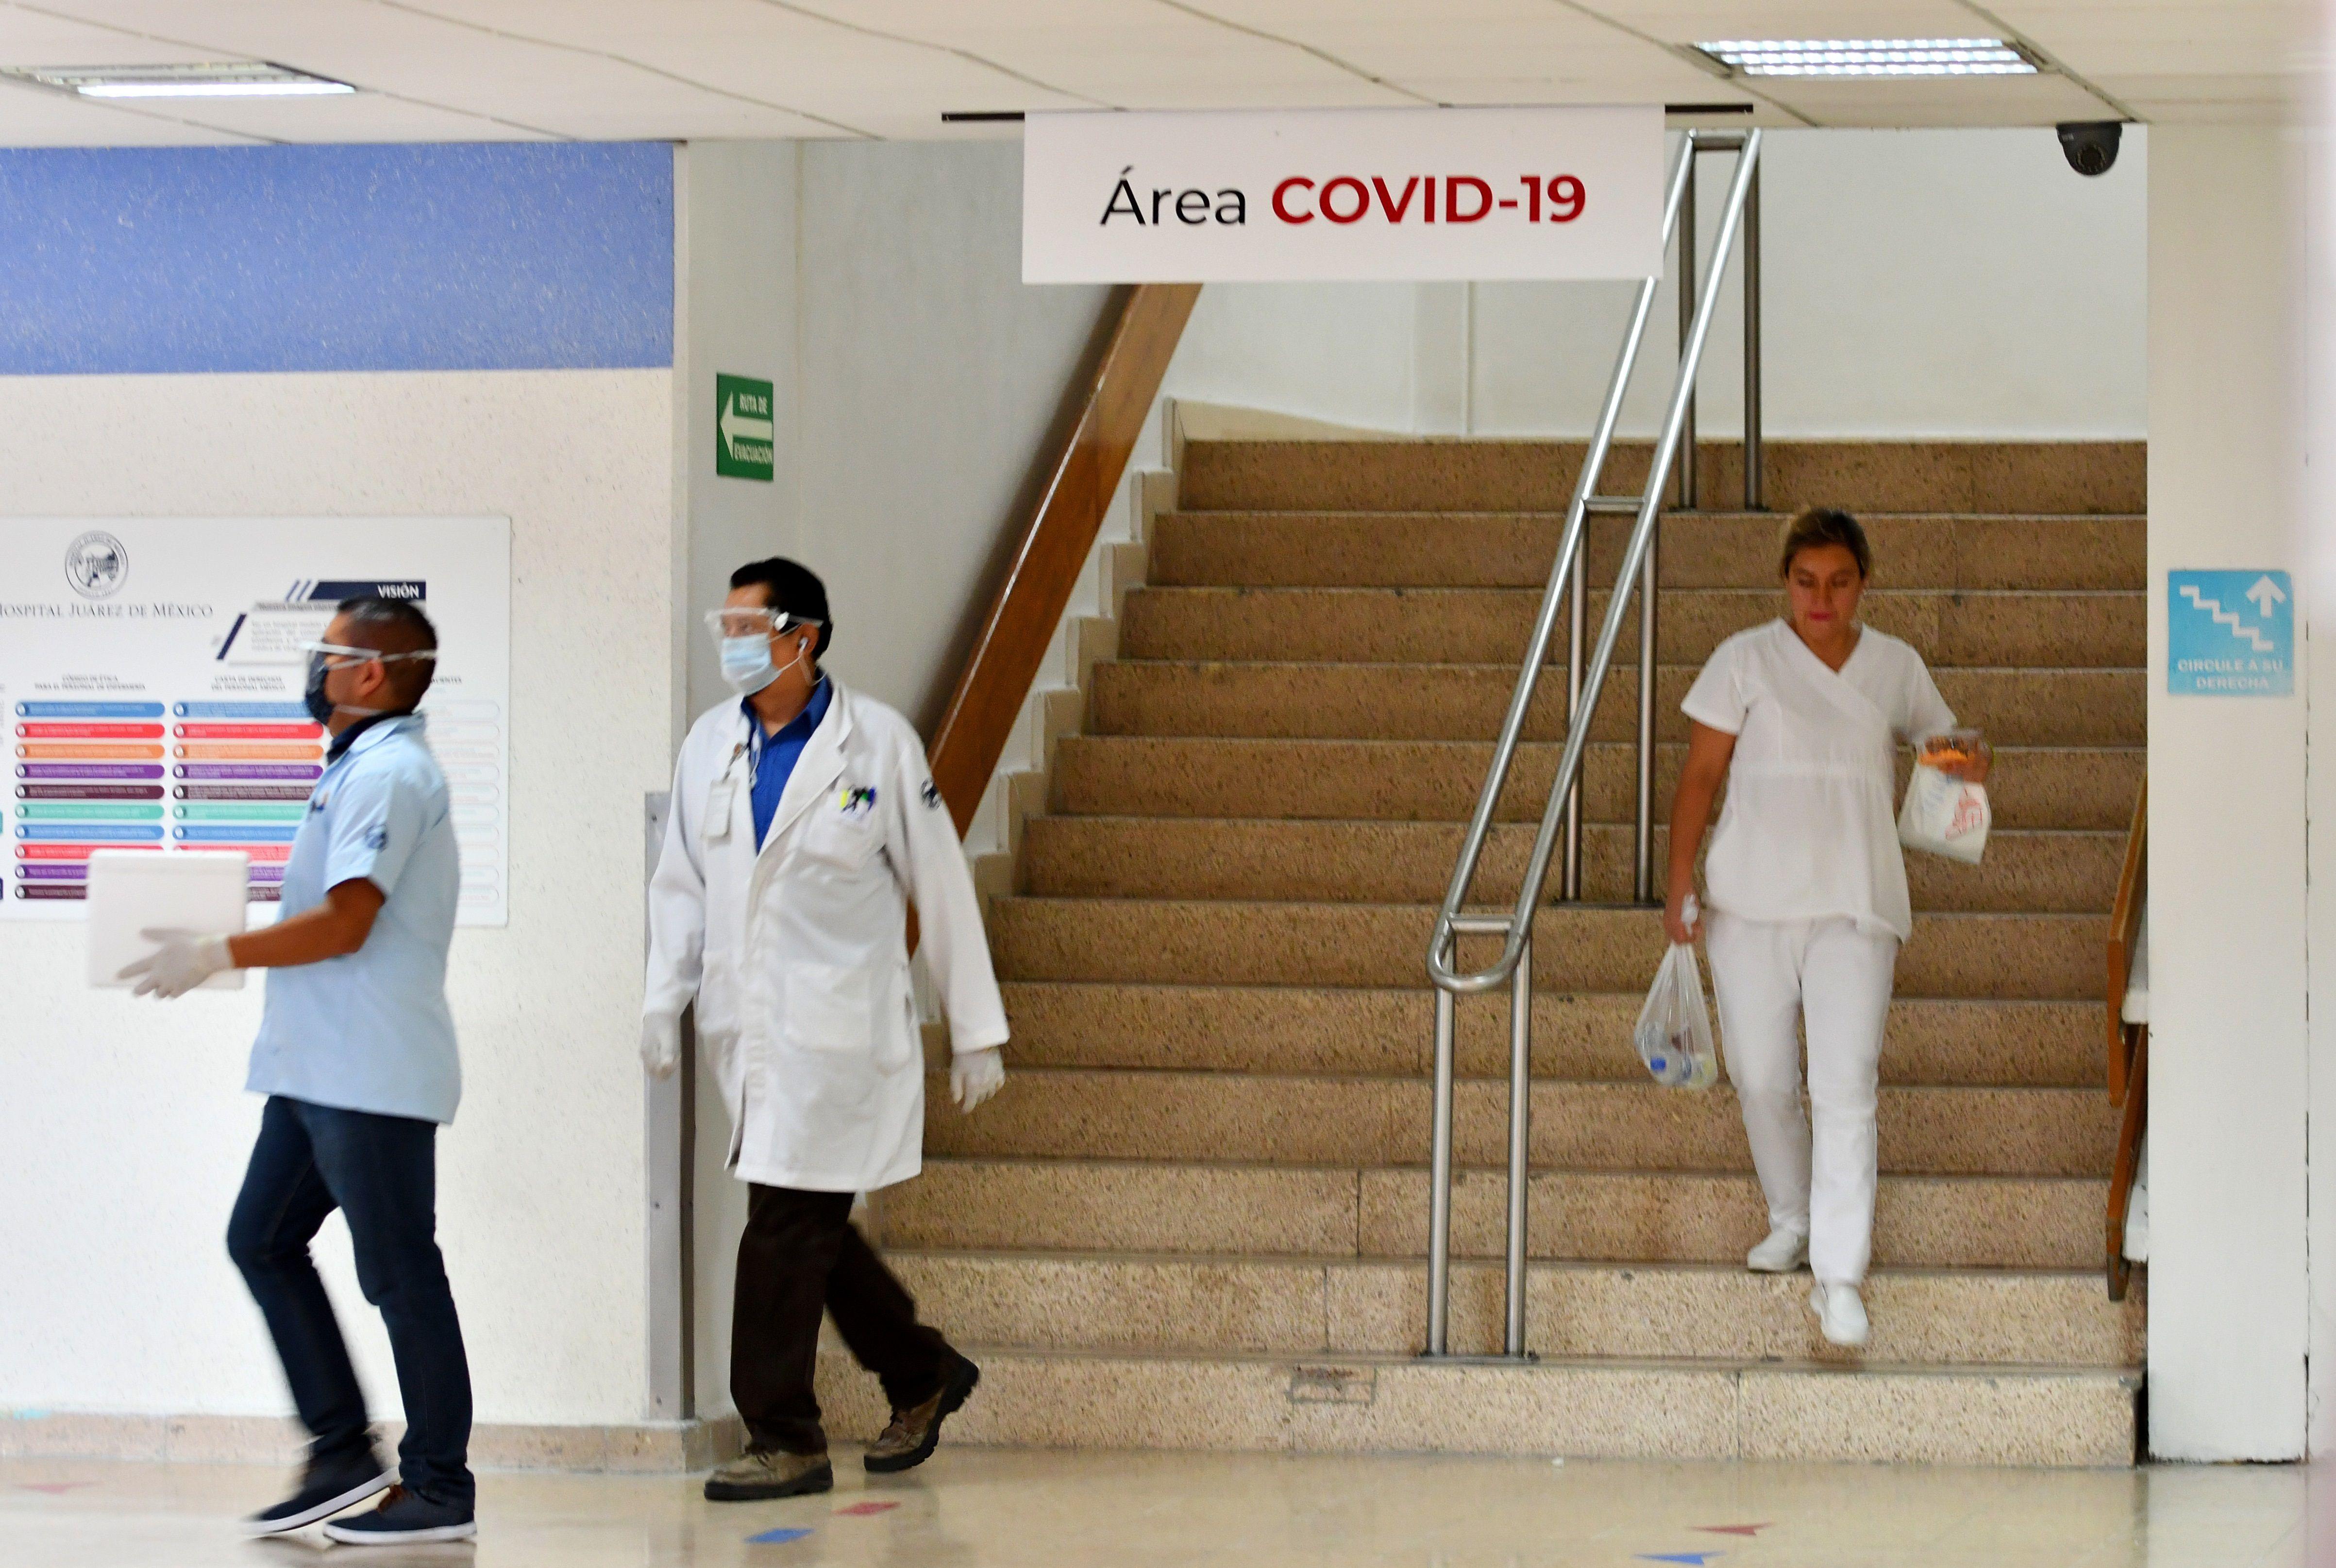 Empleados de la salud del Hospital Juárez realizan labores en Ciudad de México (México). desapercibida. EFE/ Jorge Núñez/Archivo